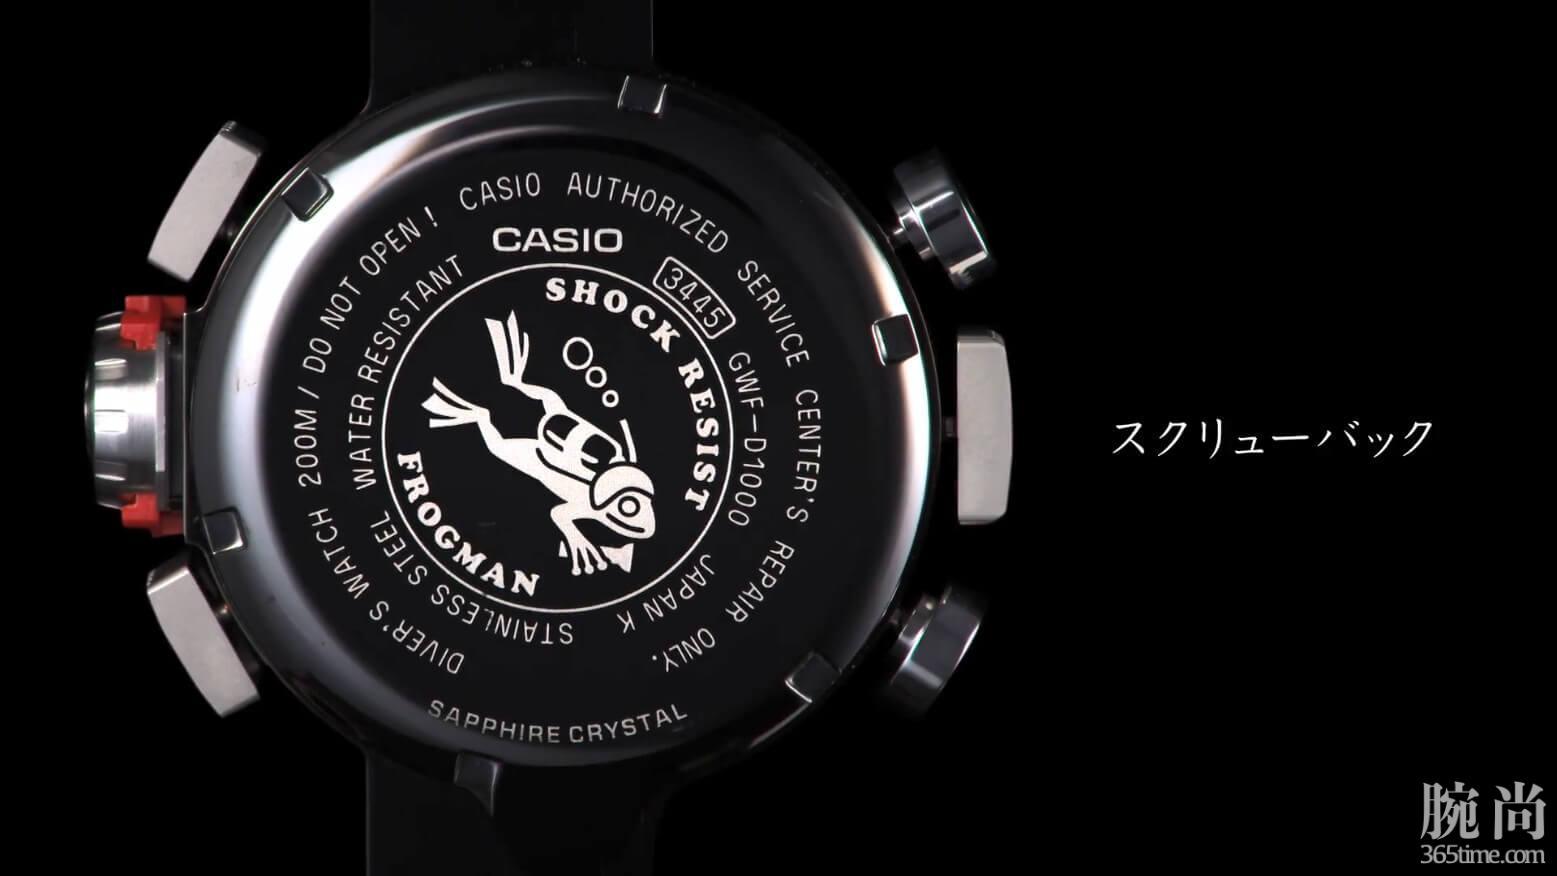 frogman-gwf-d1000-case-back.jpg